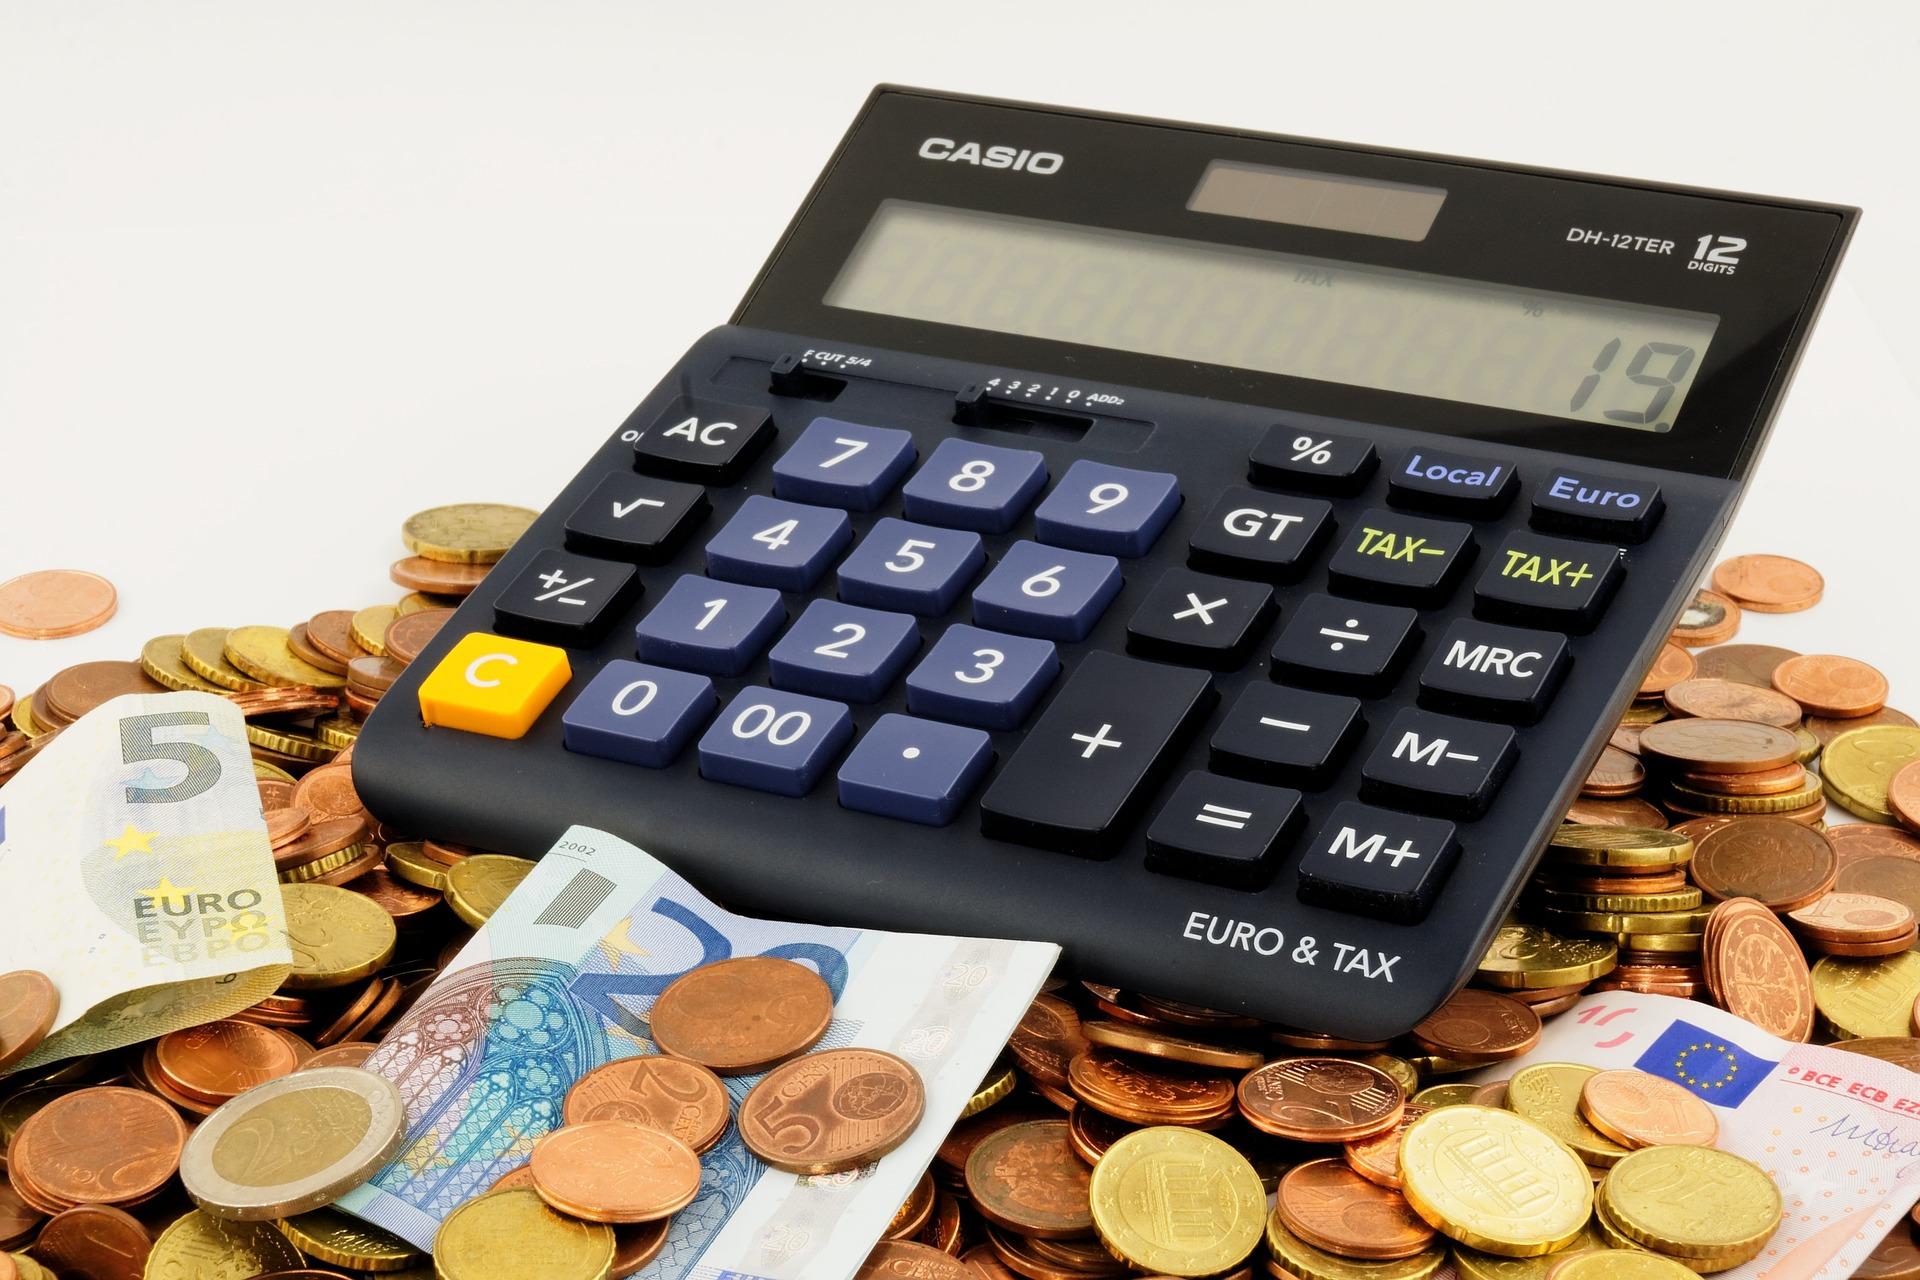 au|契約期間中の解約料金・違約金はいくらかかる?iPhone Xで試算。